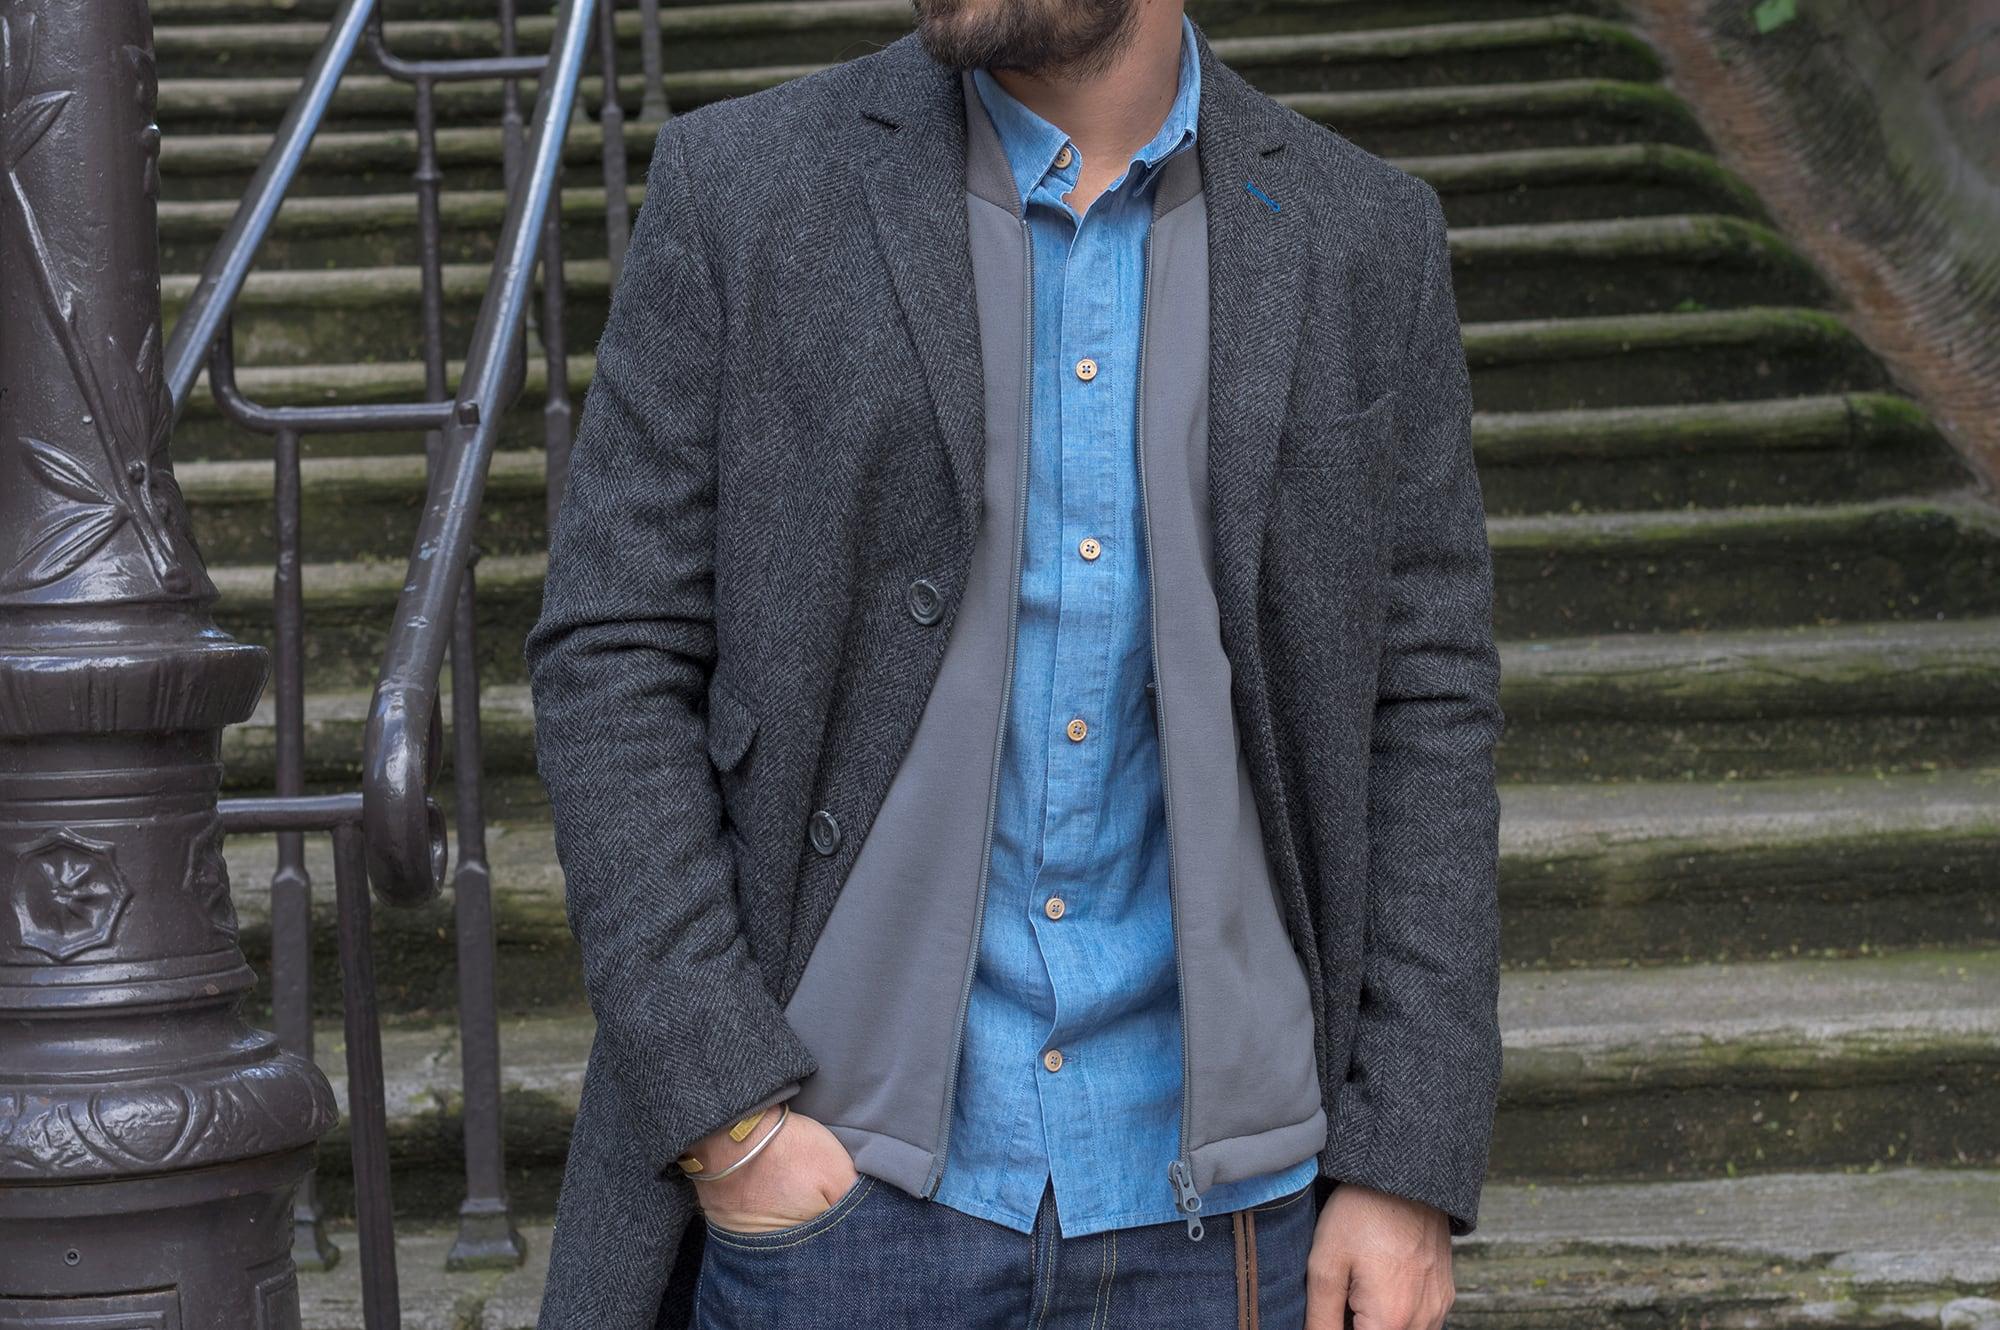 comme porter une chemise en chambray dans un style casual chic l'hiver avec un manteau en laine tweed et conseil style masculin et ajouter un bomber technique bonne gueule